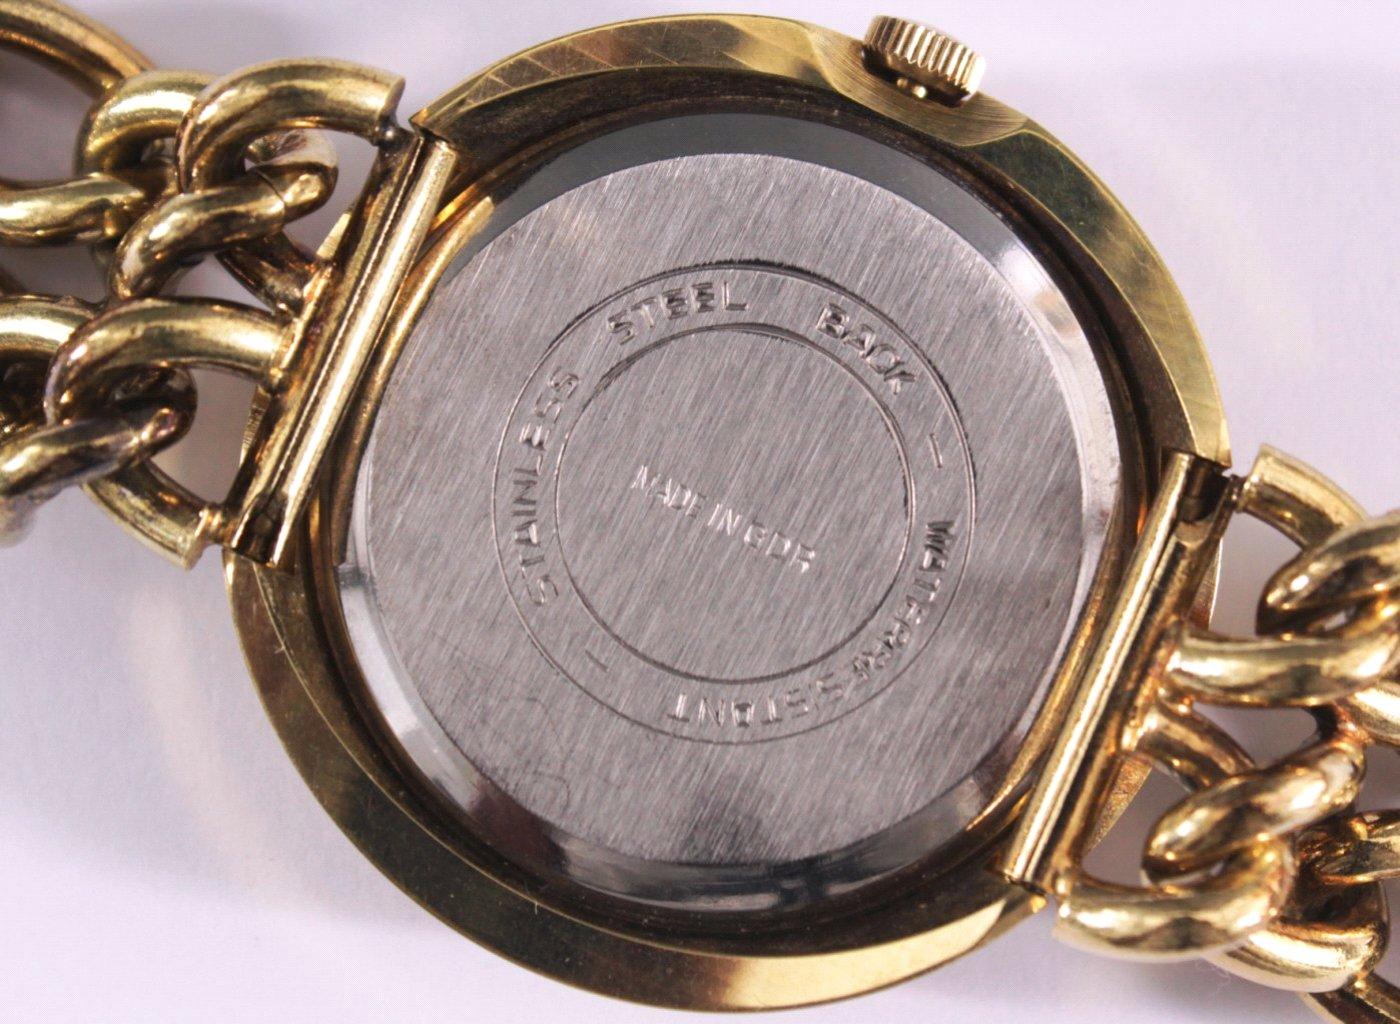 glash tte armbanduhr aus den 70er jahren vintage badisches auktionshaus. Black Bedroom Furniture Sets. Home Design Ideas